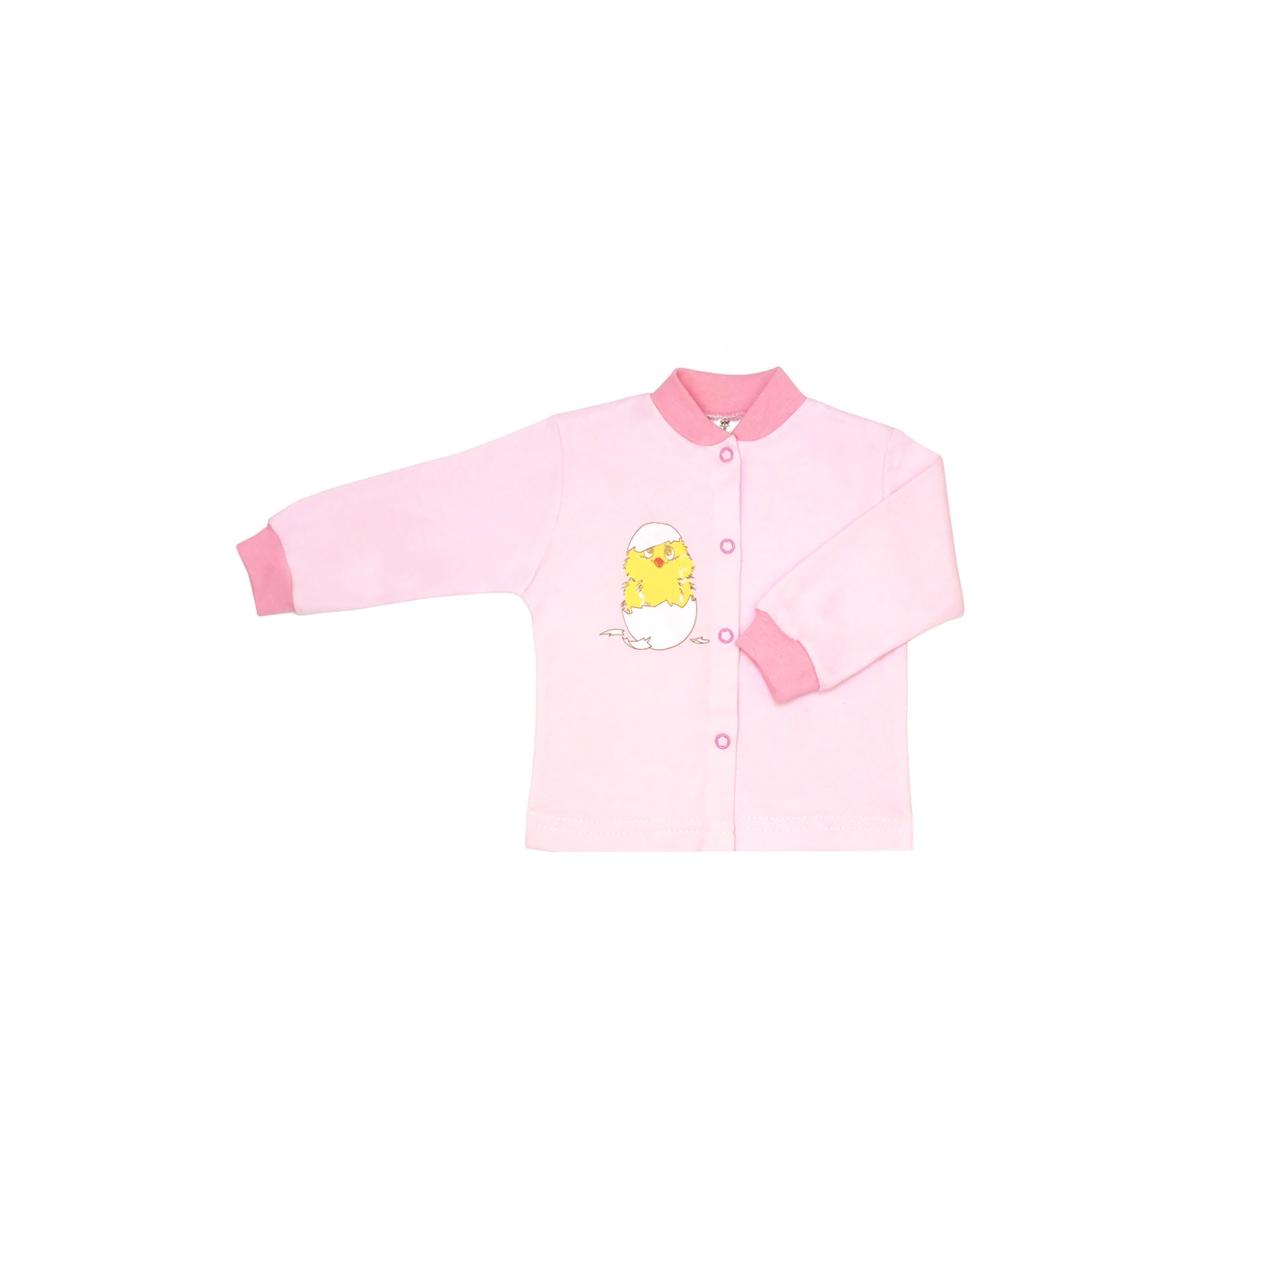 Кофточка КОТМАРКОТ для девочки, цвет розовый, Цыпленок 3-6 мес (размер 68)<br>